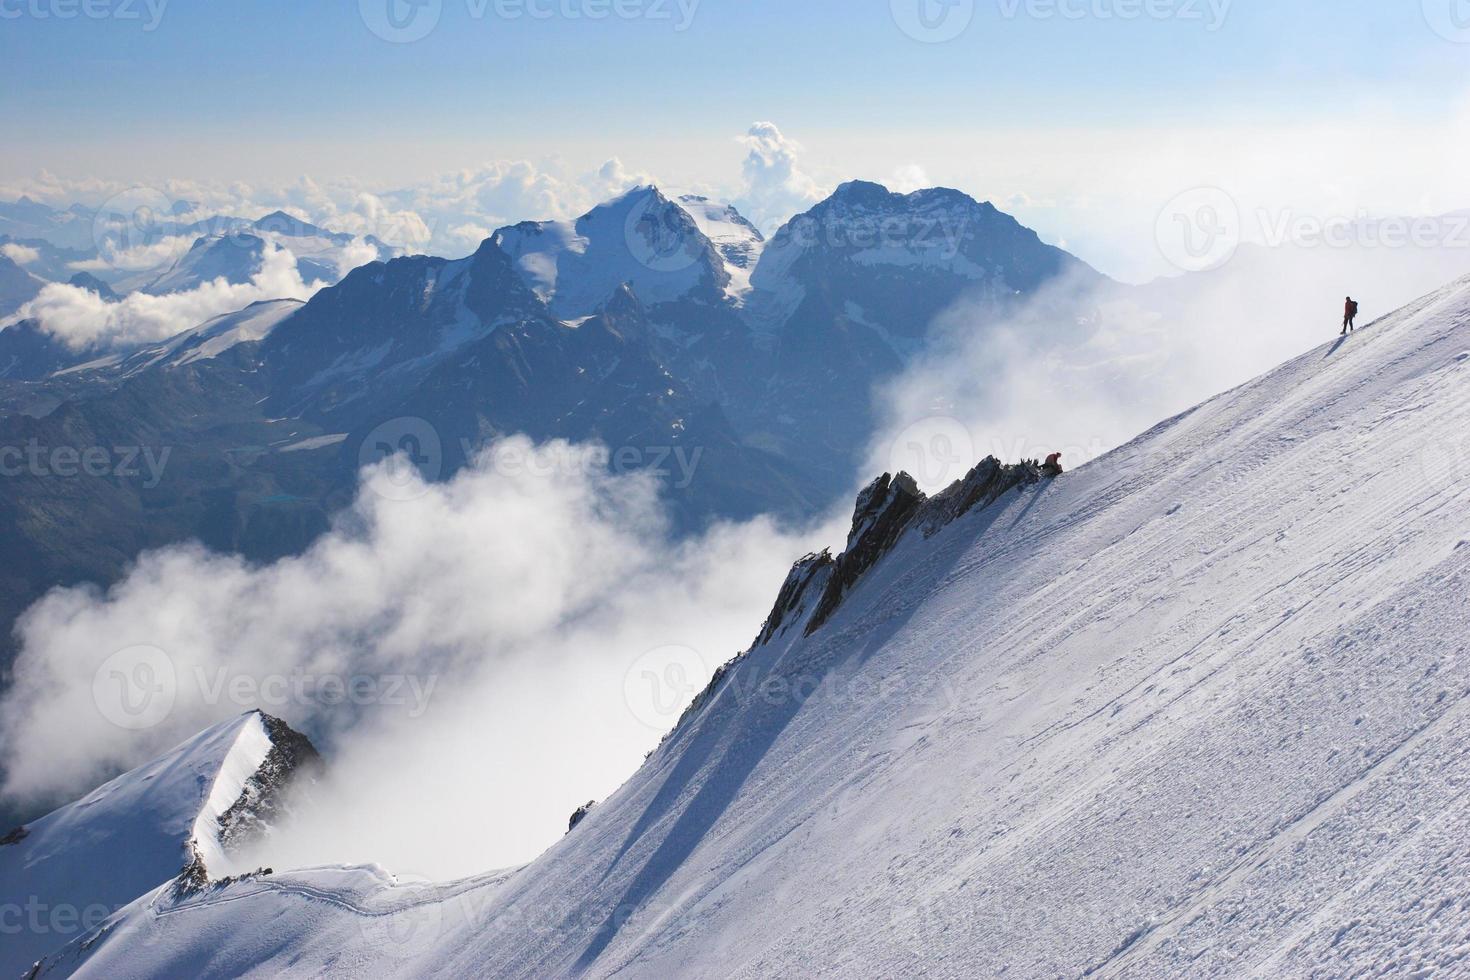 klättrare på en snötäckt bergskam med virvlande moln foto